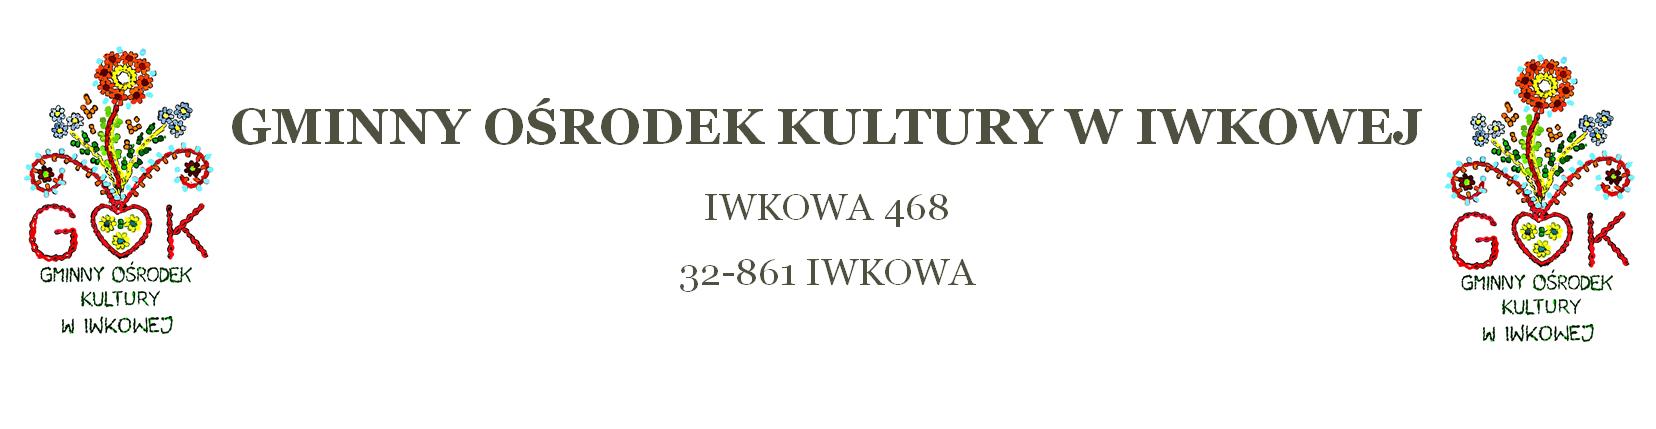 Logo for Gminny Ośrodek Kultury w Iwkowej